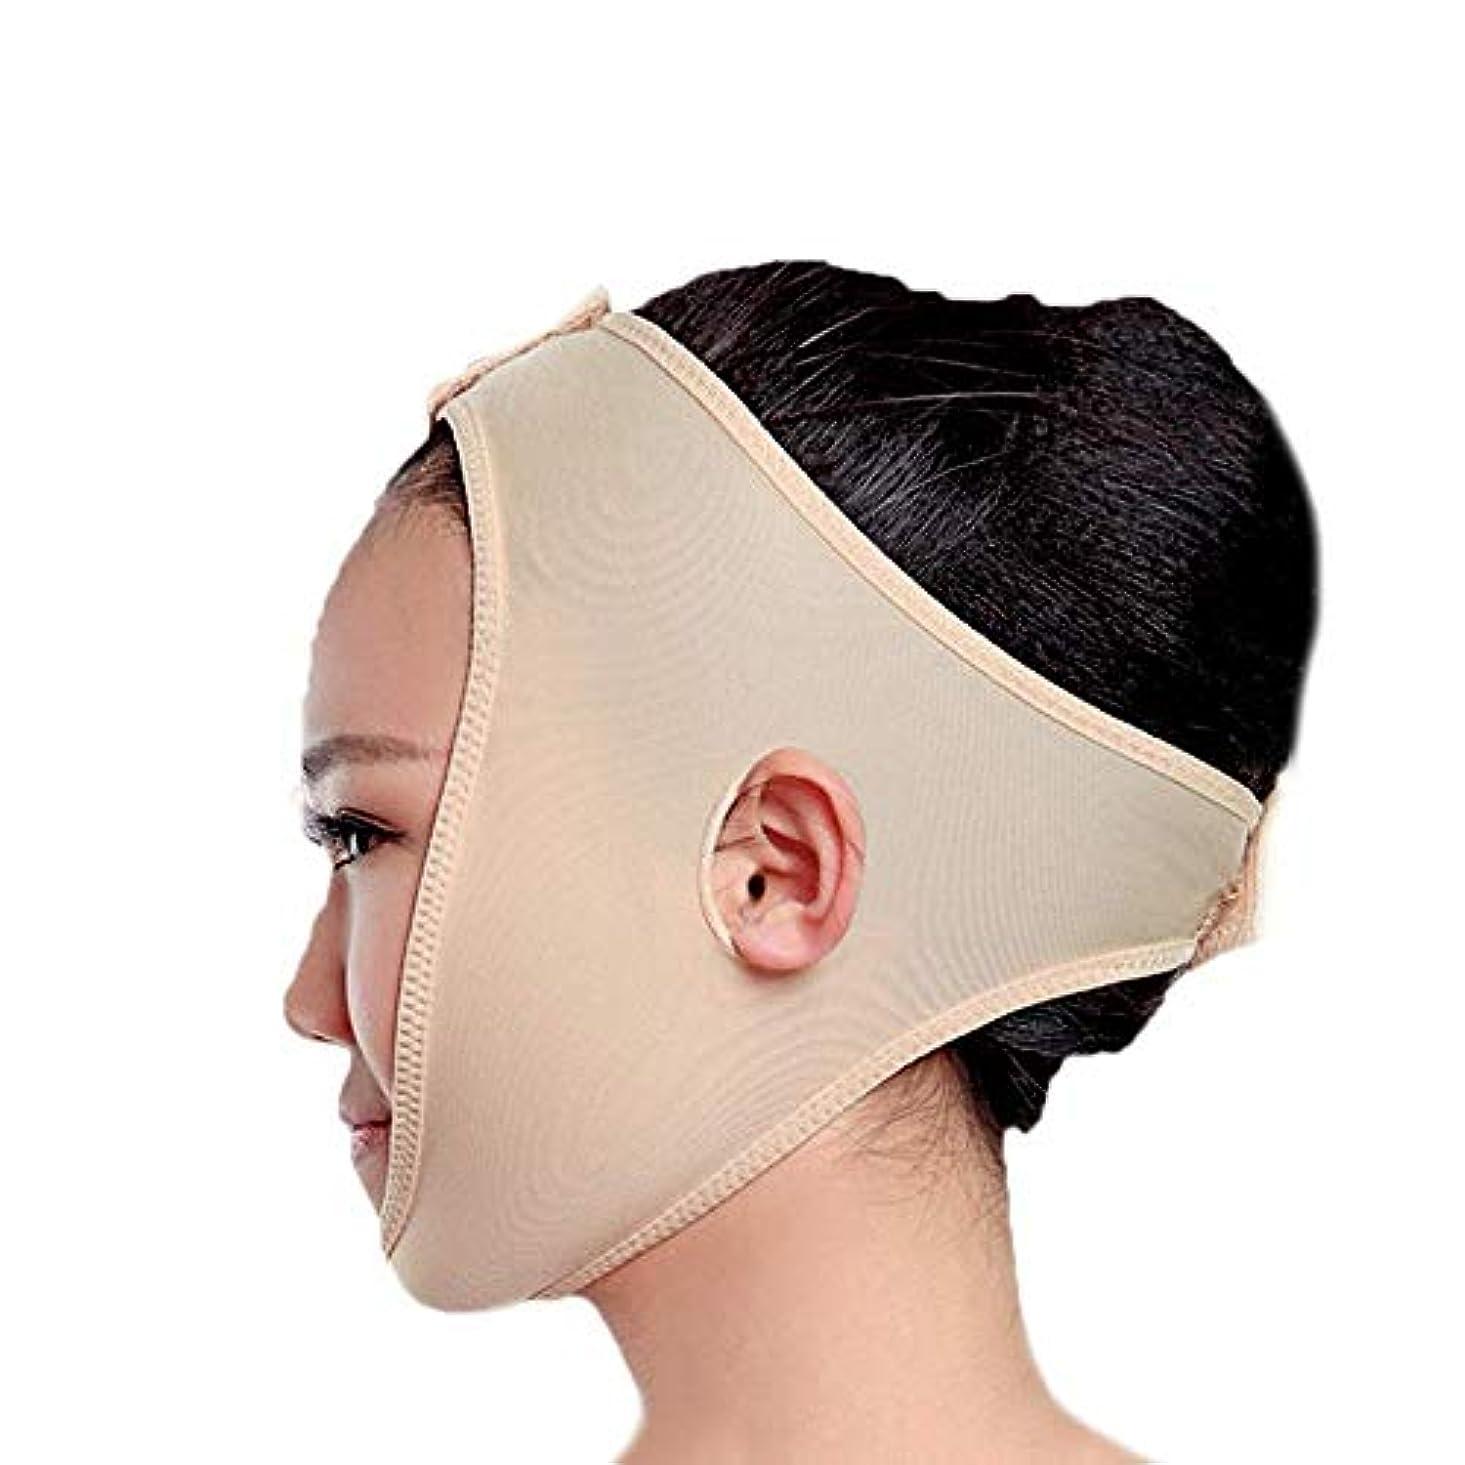 受取人芽無人フェイススリミングマスク、快適さと通気性、フェイシャルリフティング、輪郭の改善された硬さ、ファーミングとリフティングフェイス(カラー:ブラック、サイズ:XL),黄色がかったピンク2、S